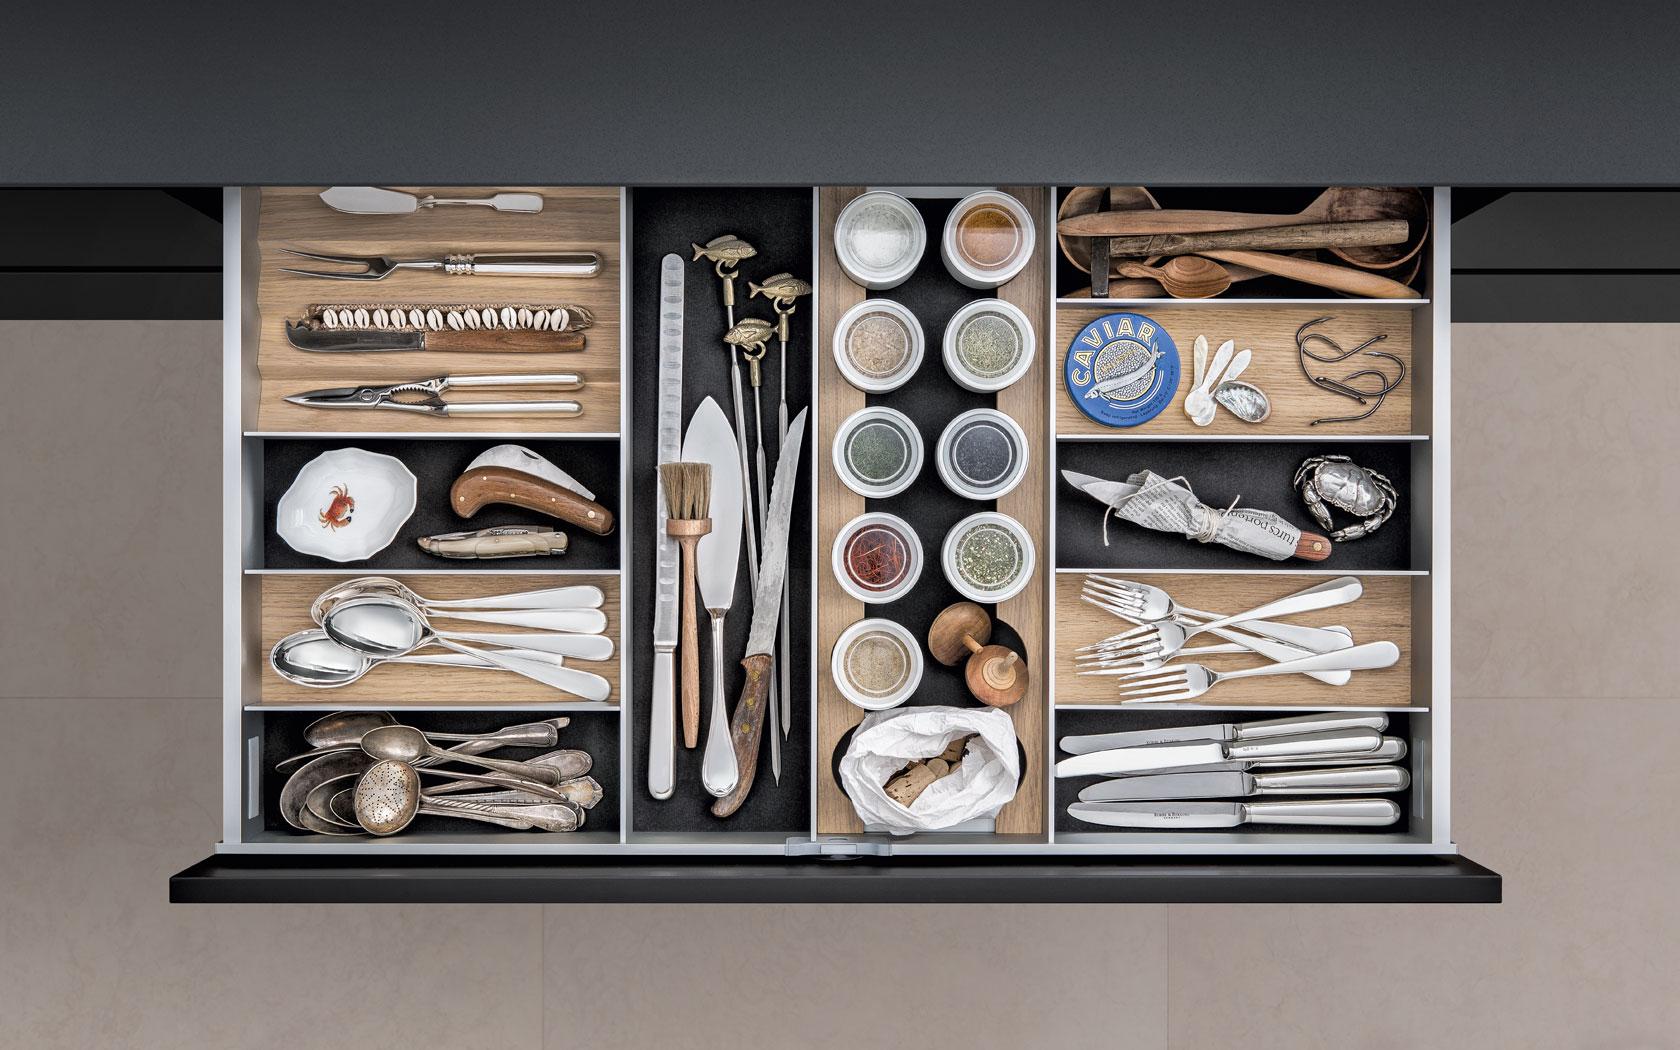 Keuken Indeling Kasten : keukens – Nieuws Startpagina voor keuken idee?n UW-keuken.nl